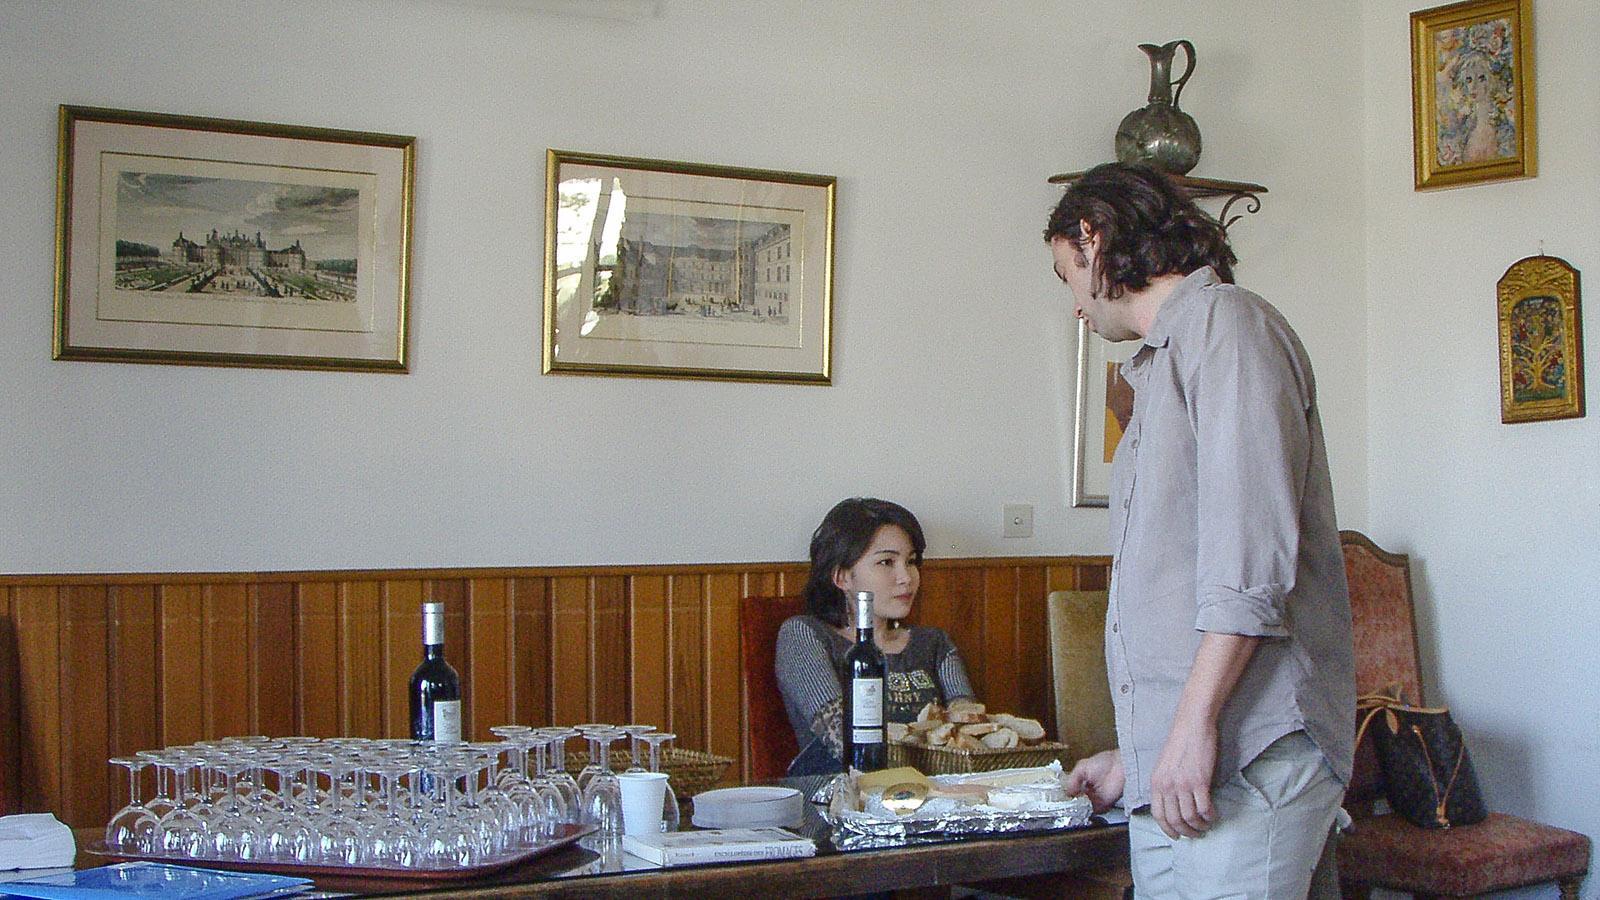 Eine Käseverkostung gehörte auch zur séance pratique. Foto: Kerstin Gorges.